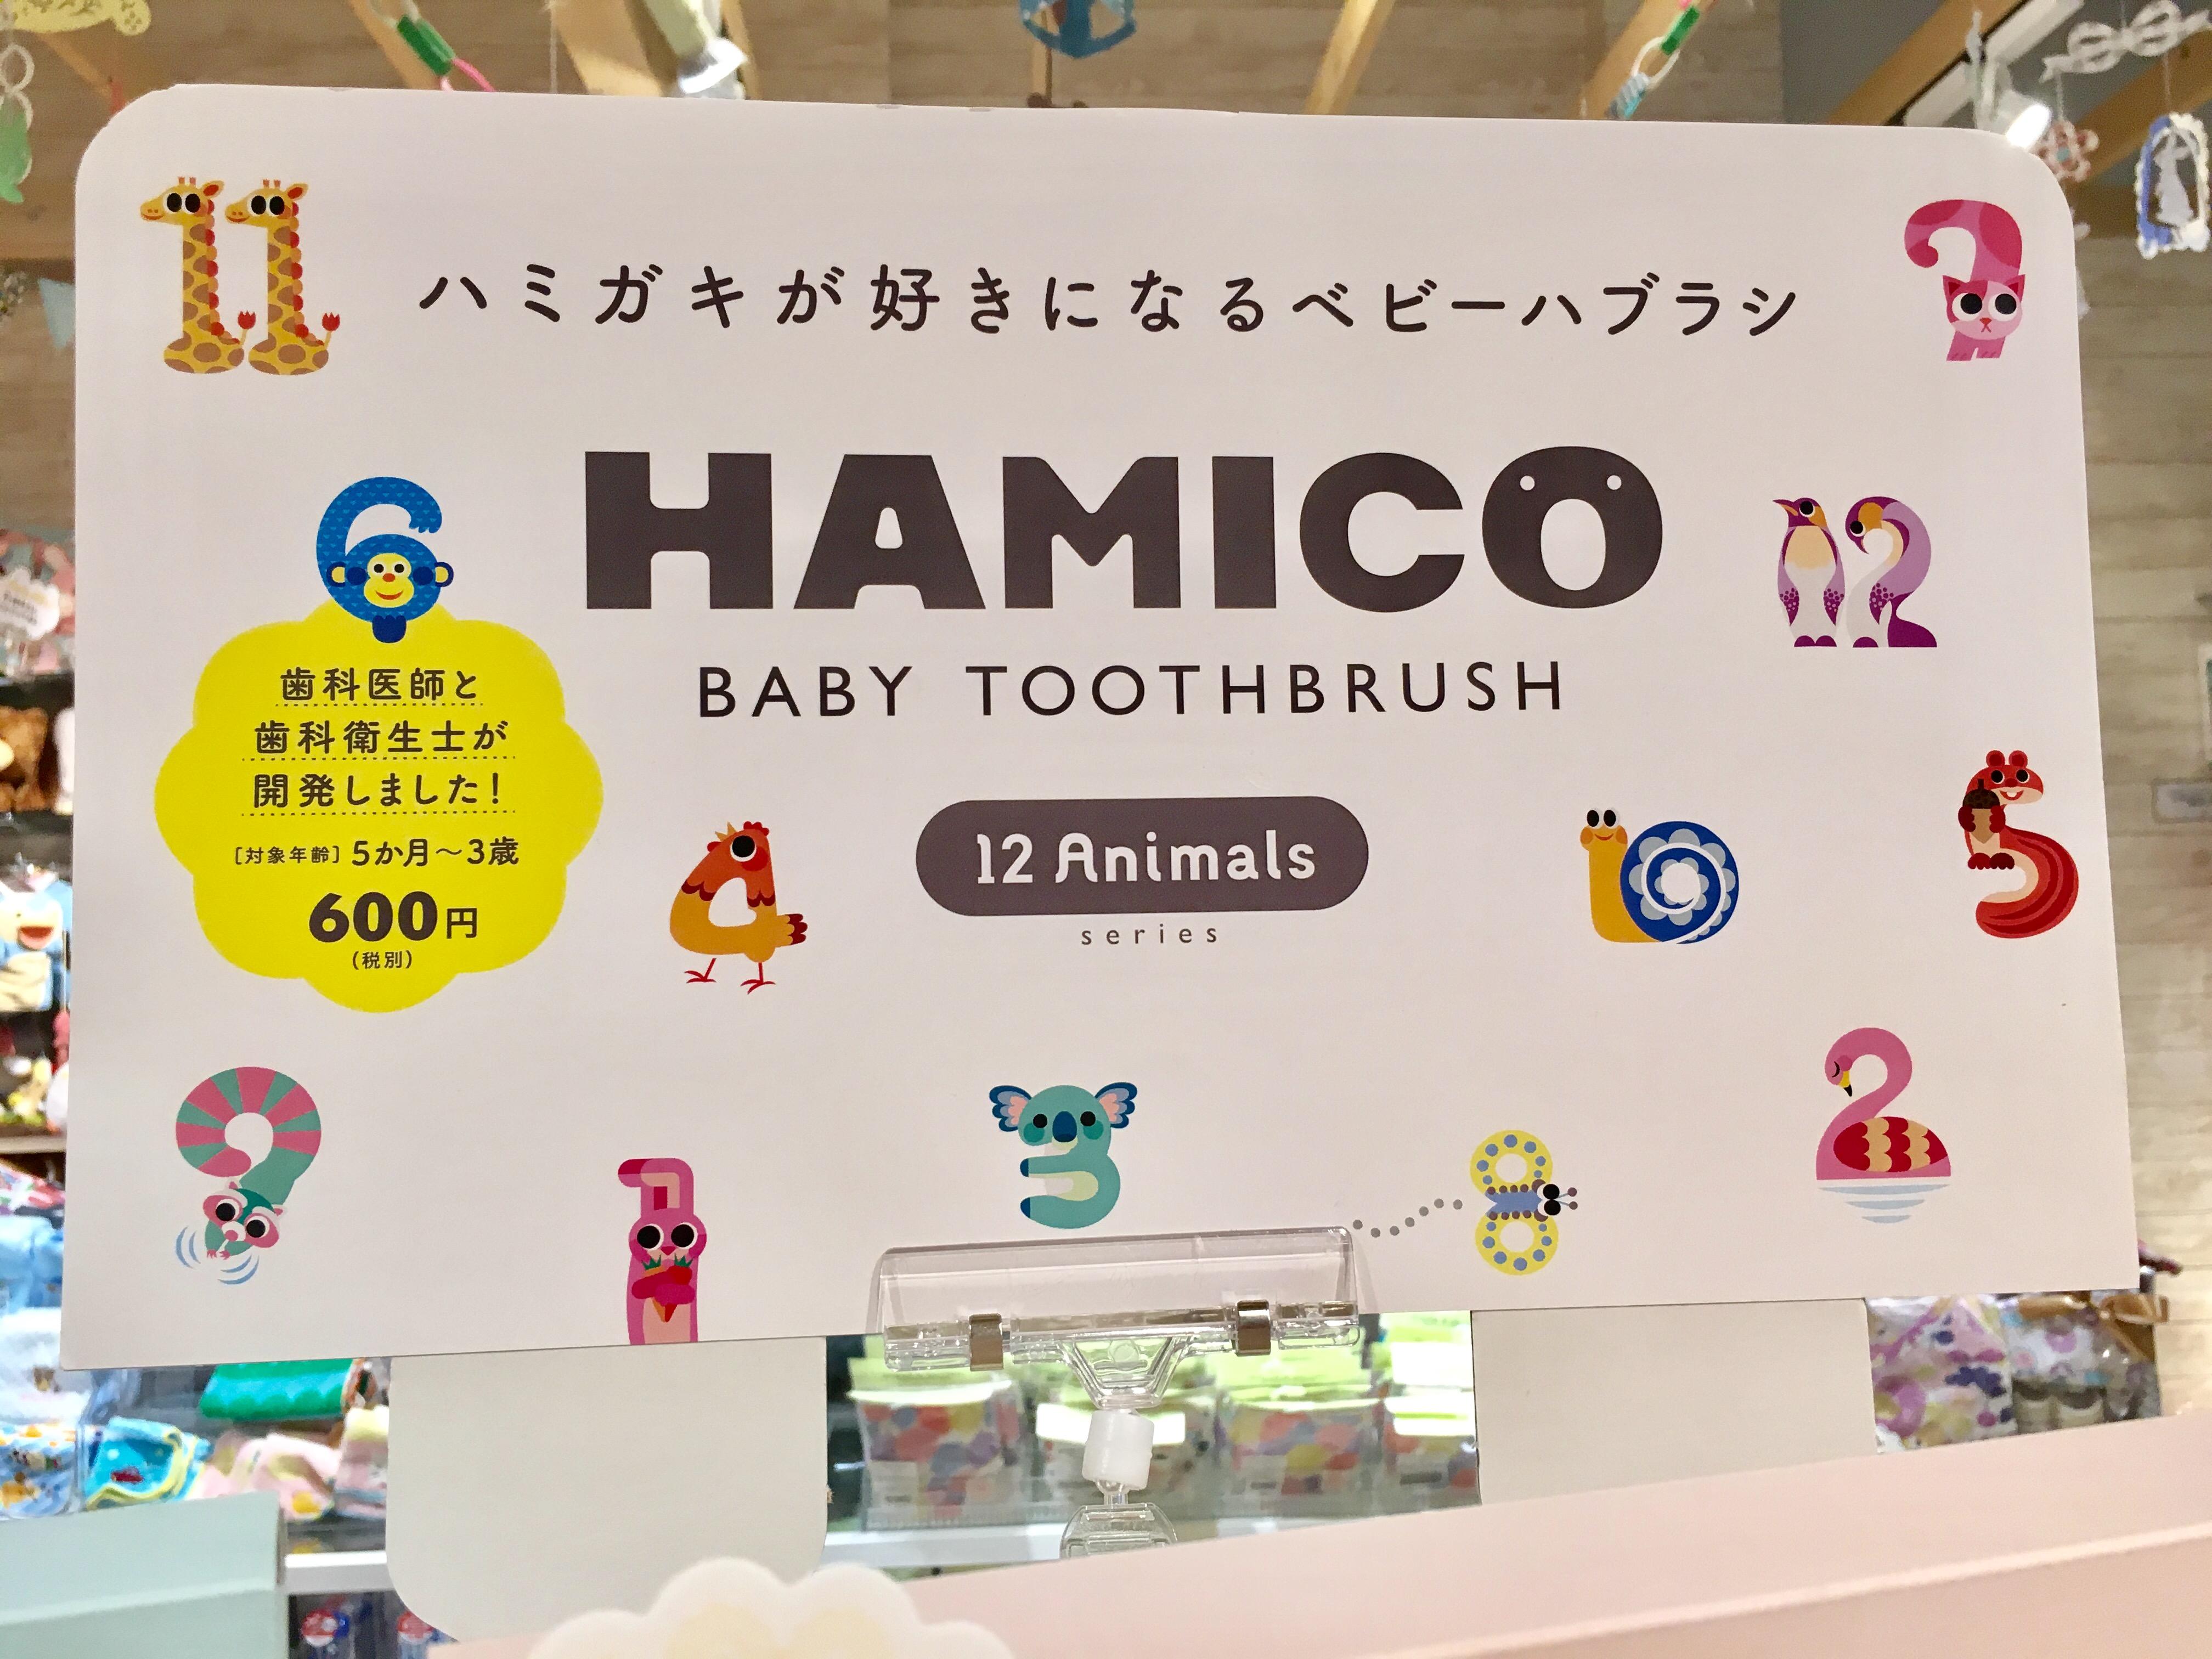 出産祝いのプレゼントにおすすめのHAMICOを紹介します